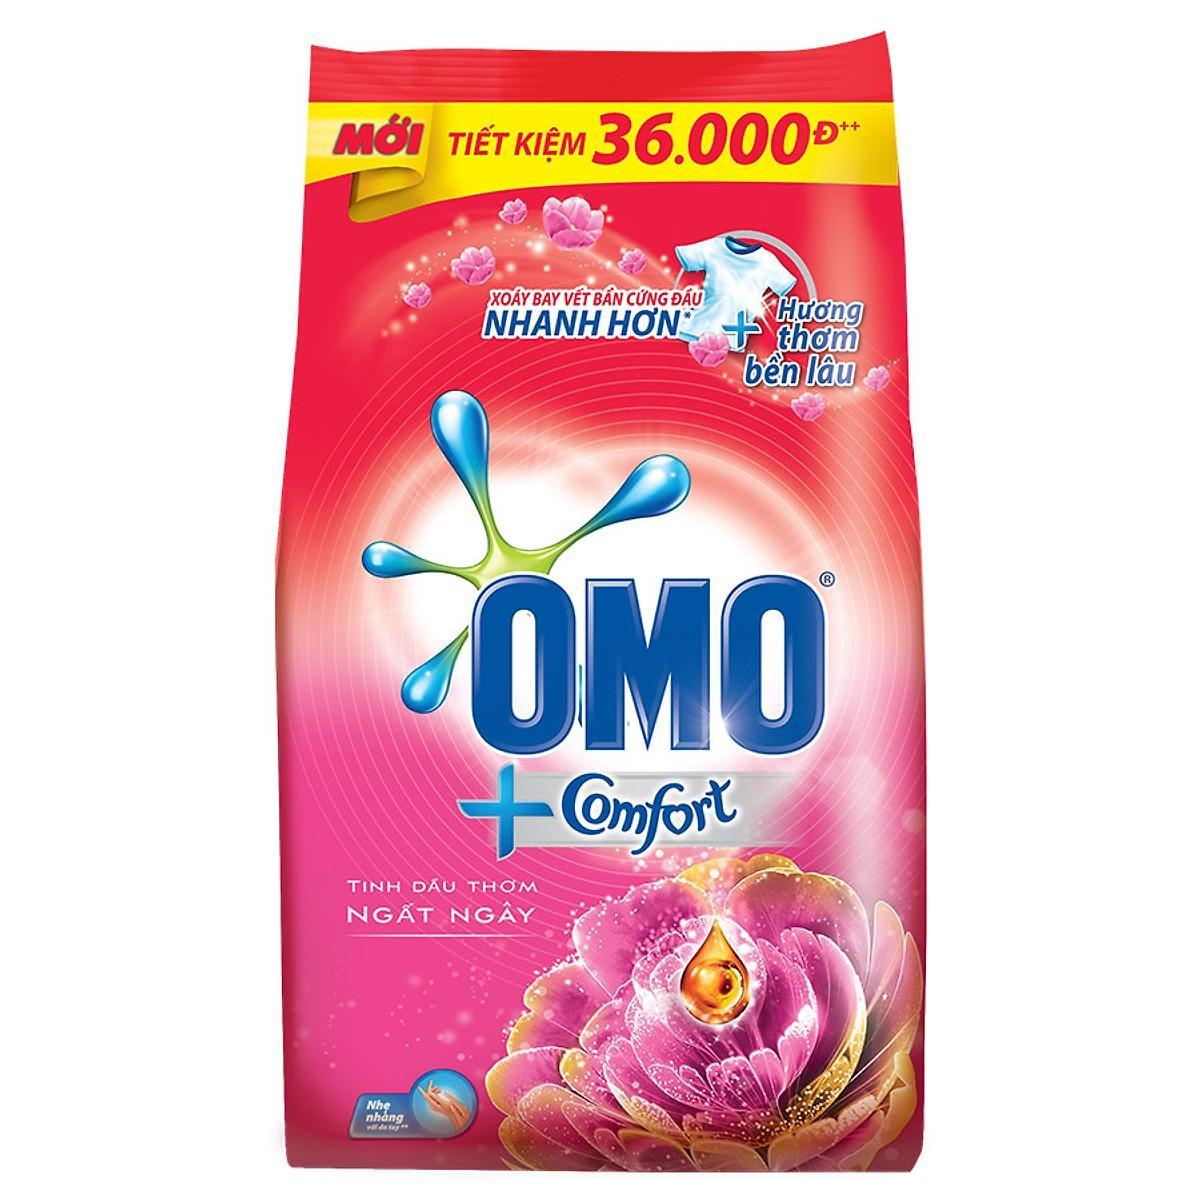 Voucher Khuyến Mại Bột Giặt Omo Comfort Tinh Dầu Thơm Ngất Ngây (4kg)